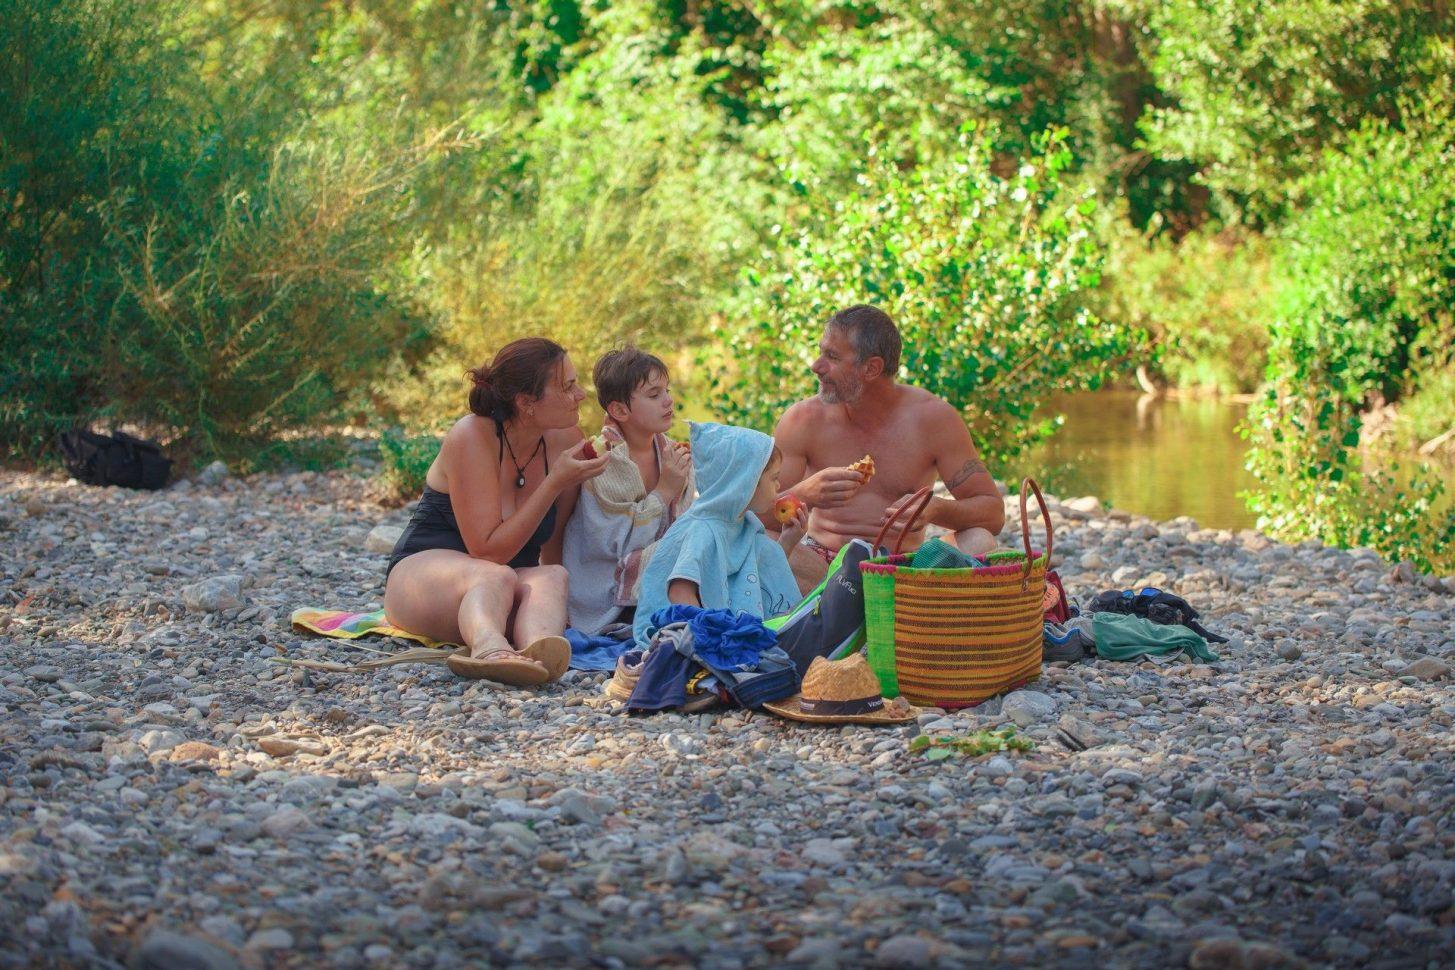 Pique nique en famille en bord de rivière© Vincent Photographie, ADT de l'Aude